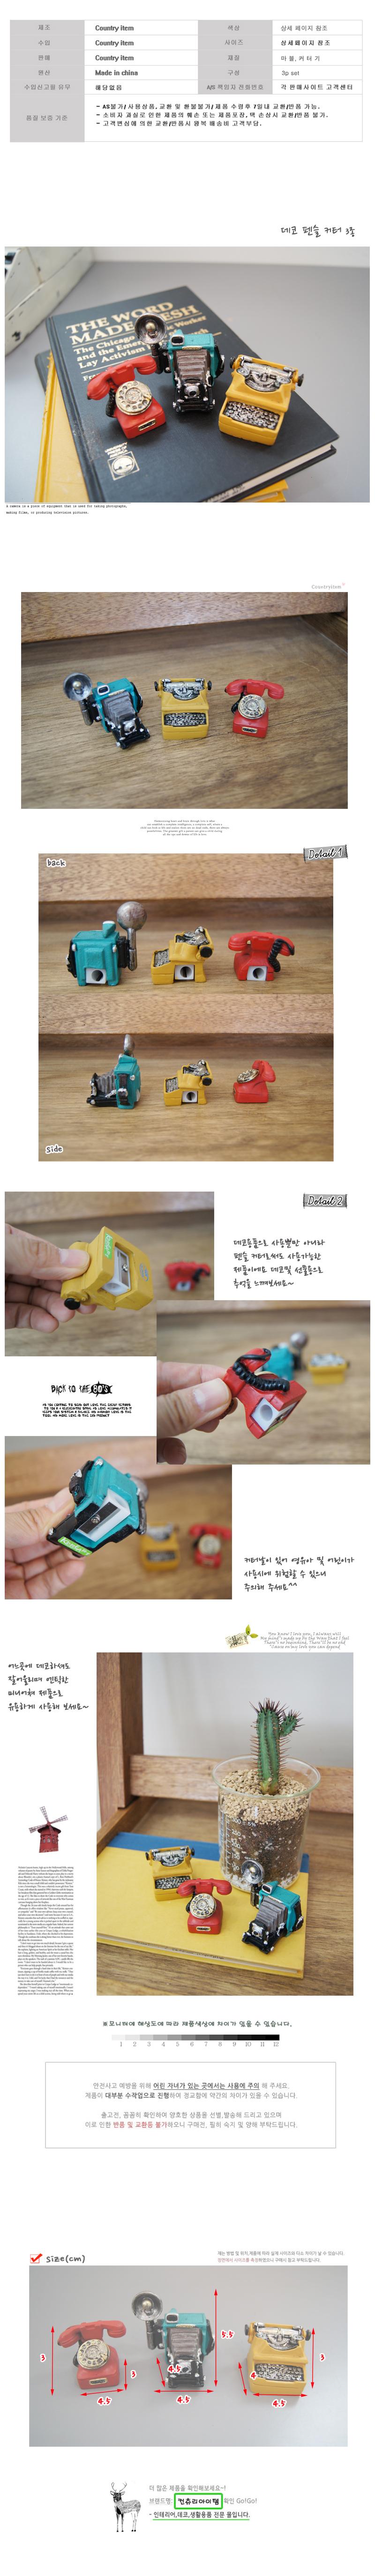 데코 펜슬 커터 3종 - 컨츄리아이템, 12,400원, 필기구 소품, 연필깎이